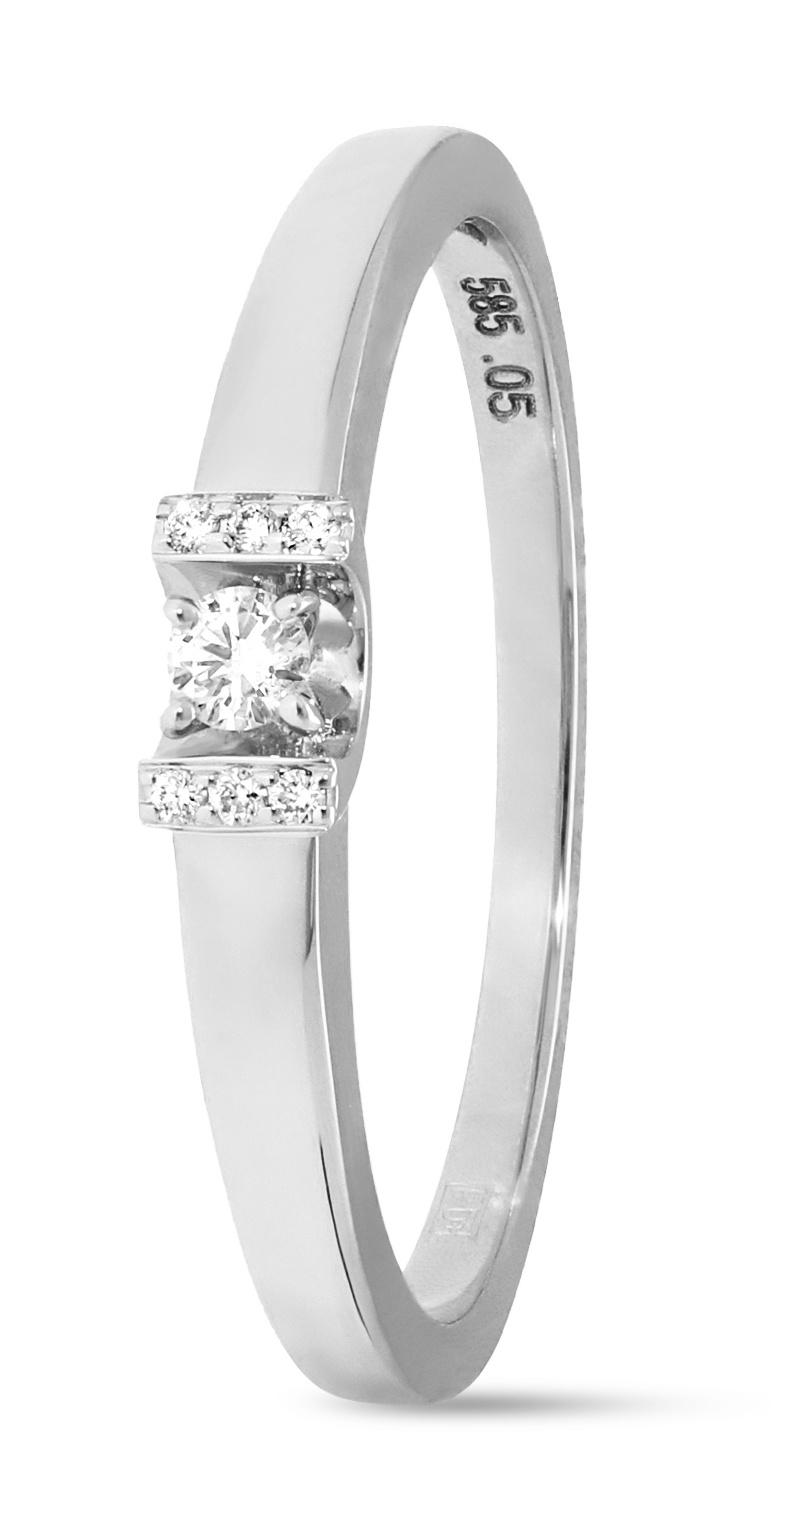 14 karaat witgouden ring met 7 diamanten 0.05 crt. - Solitair - Witgoud-1